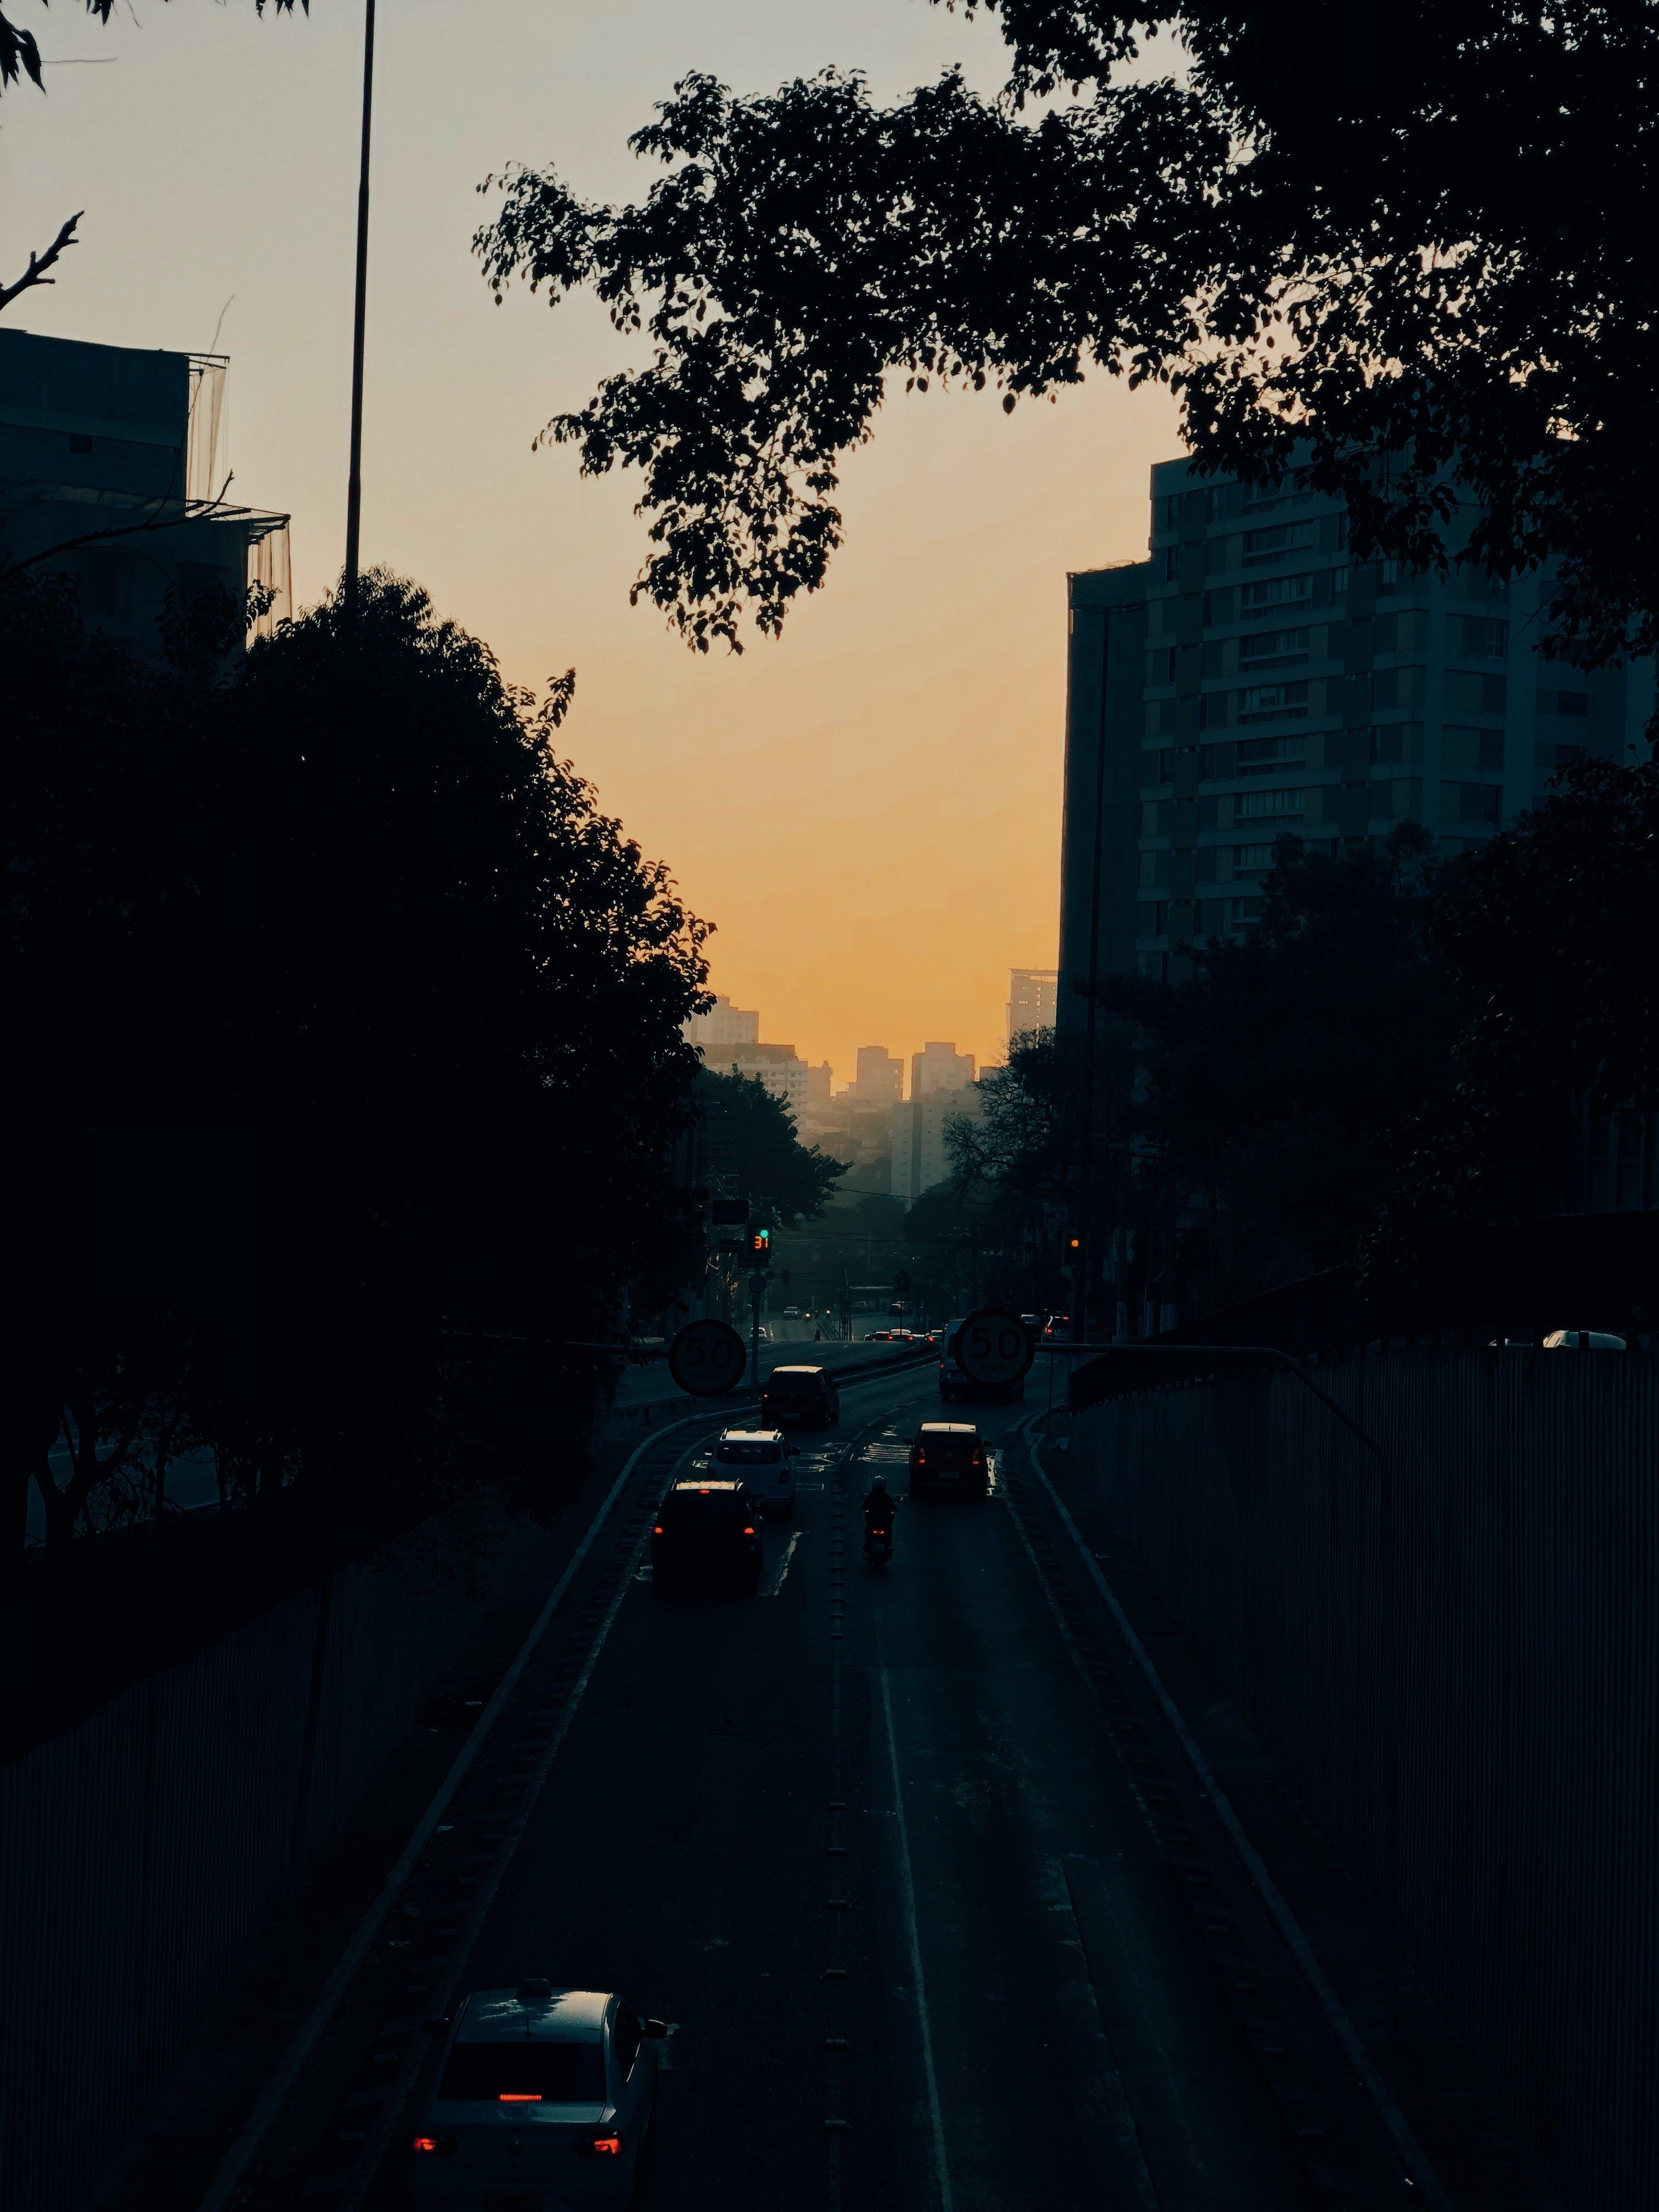 คลังภาพถ่ายฟรี ของ การจราจร, การเคลื่อนไหว, ตอนเย็น, ตัวเมือง